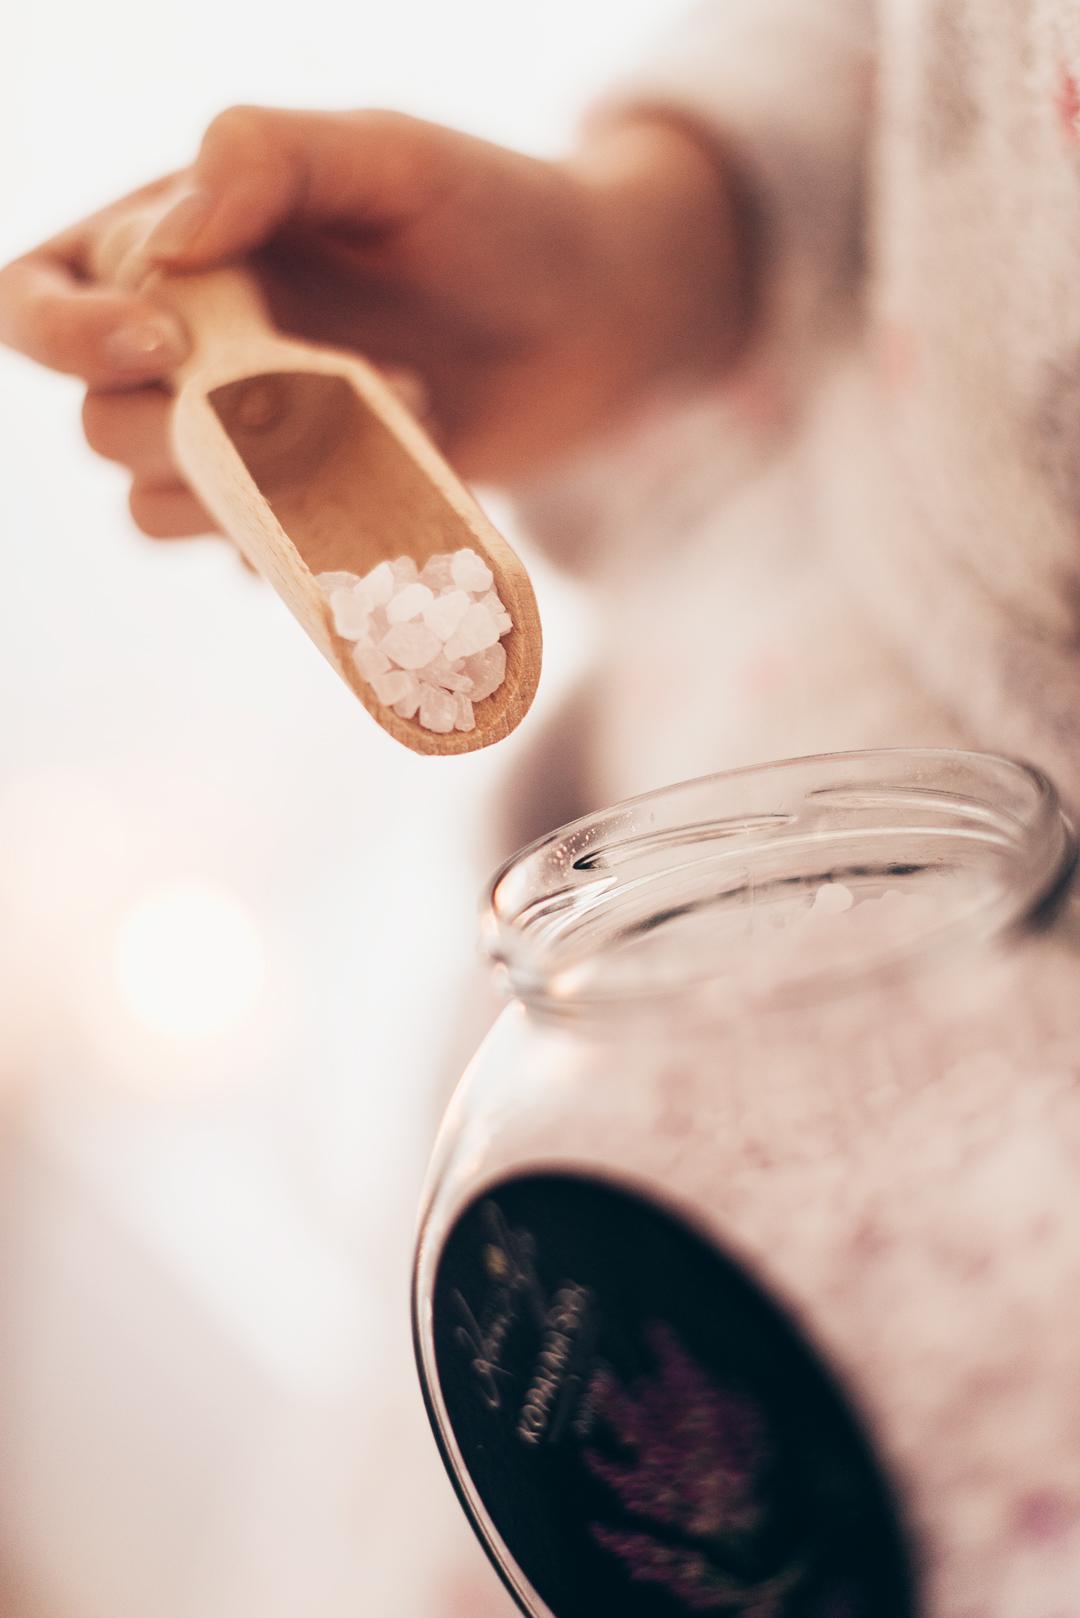 V lepo oblikovan steklen kozarec kopalne soli je vstavljena tudi lesena žlička za posipanje kopalne soli.